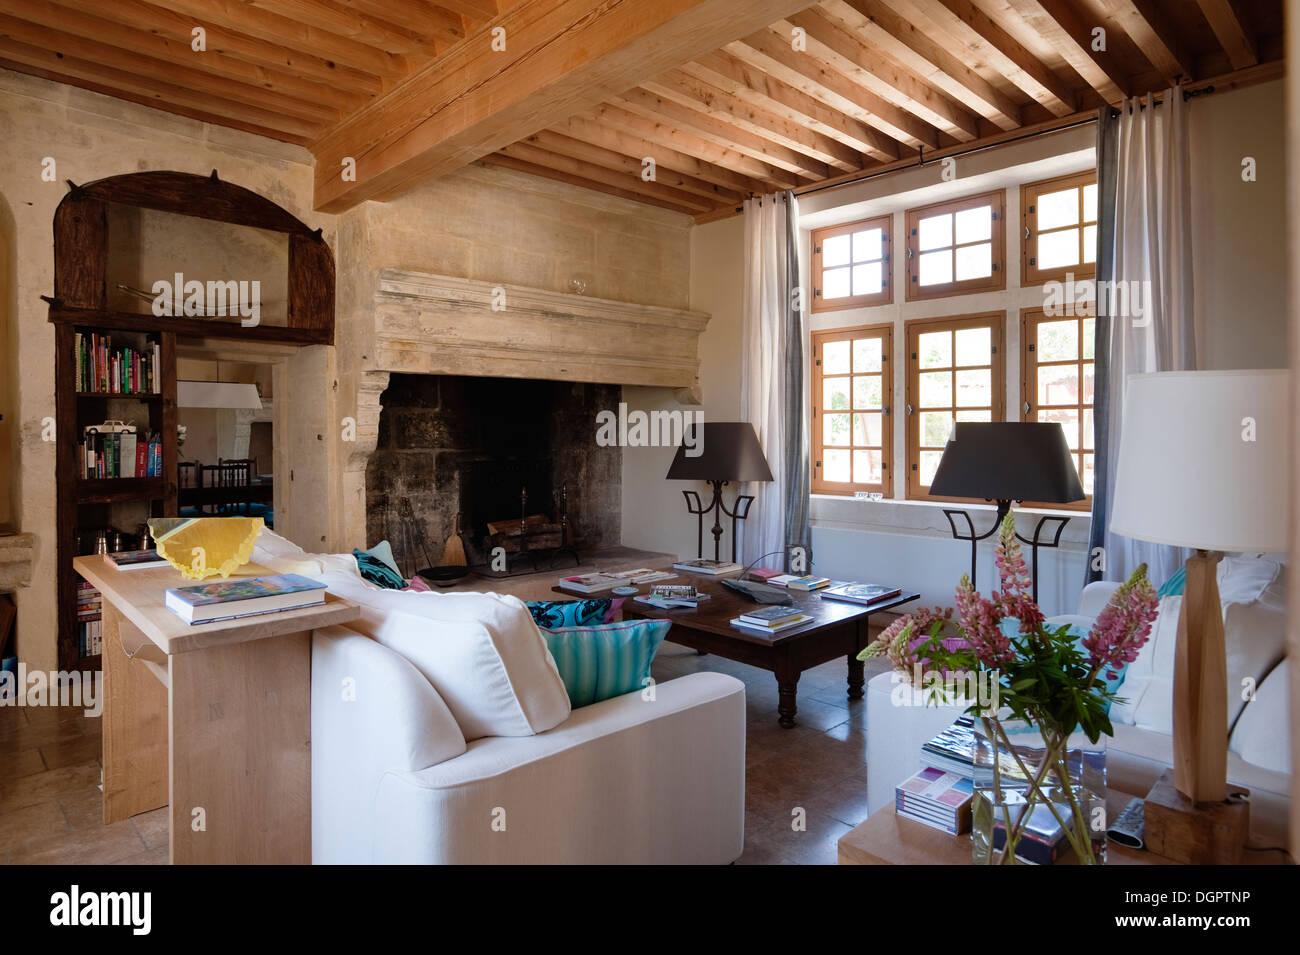 holz strahlte decke im wohnzimmer mit offenem kamin die wei e gerippte sofas sind aus heals. Black Bedroom Furniture Sets. Home Design Ideas